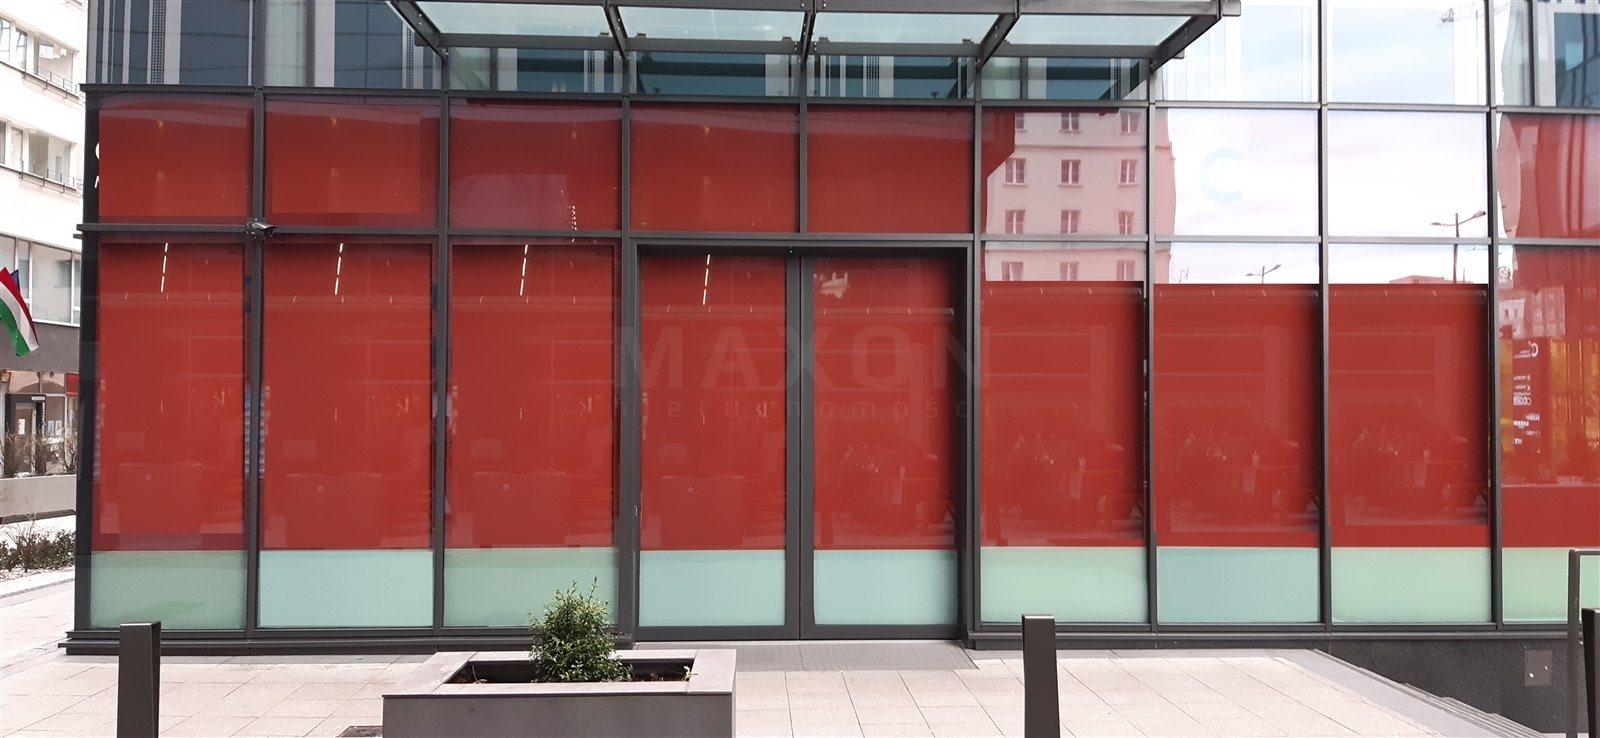 Lokal użytkowy na wynajem Warszawa, Śródmieście, Marszałkowska  200m2 Foto 2